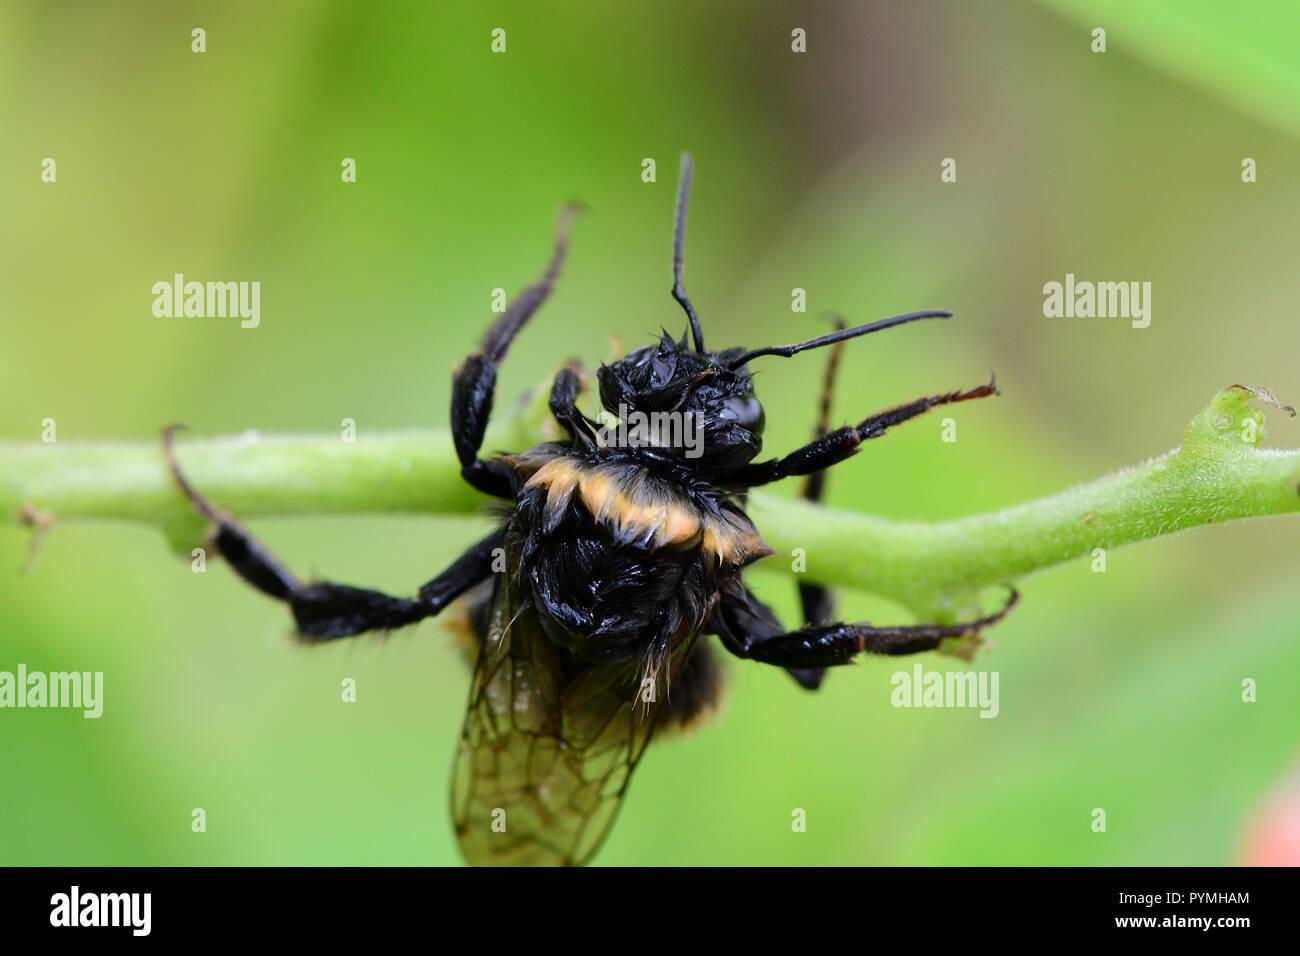 Foto de un abejorro húmedo escalada en un Runner bean pod Imagen De Stock